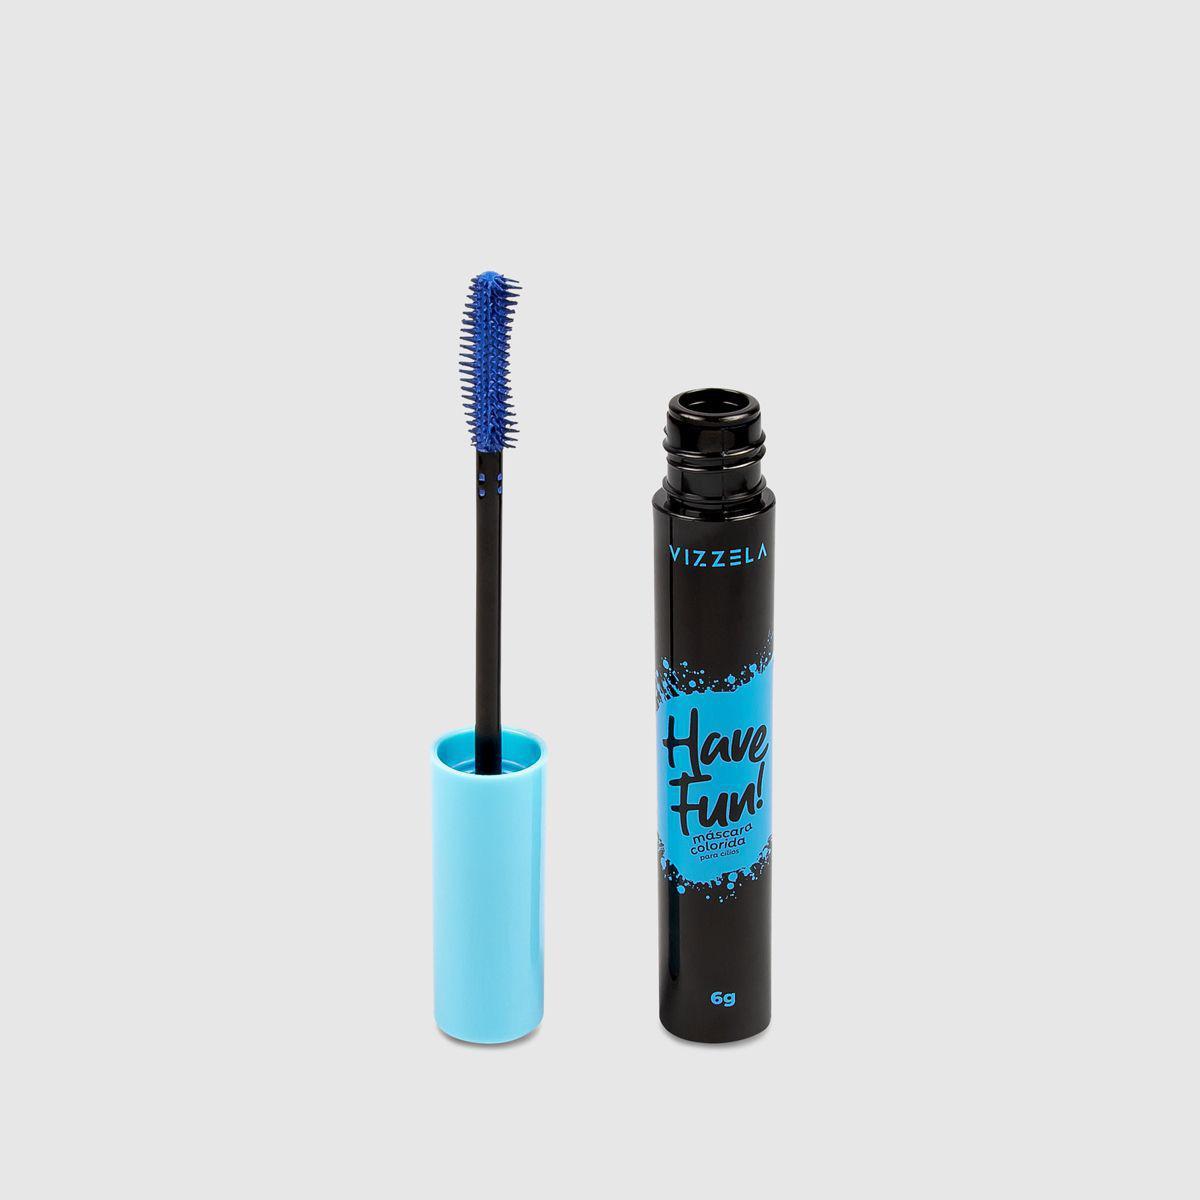 Mascara para cilios colorido have fun vizzela - azul